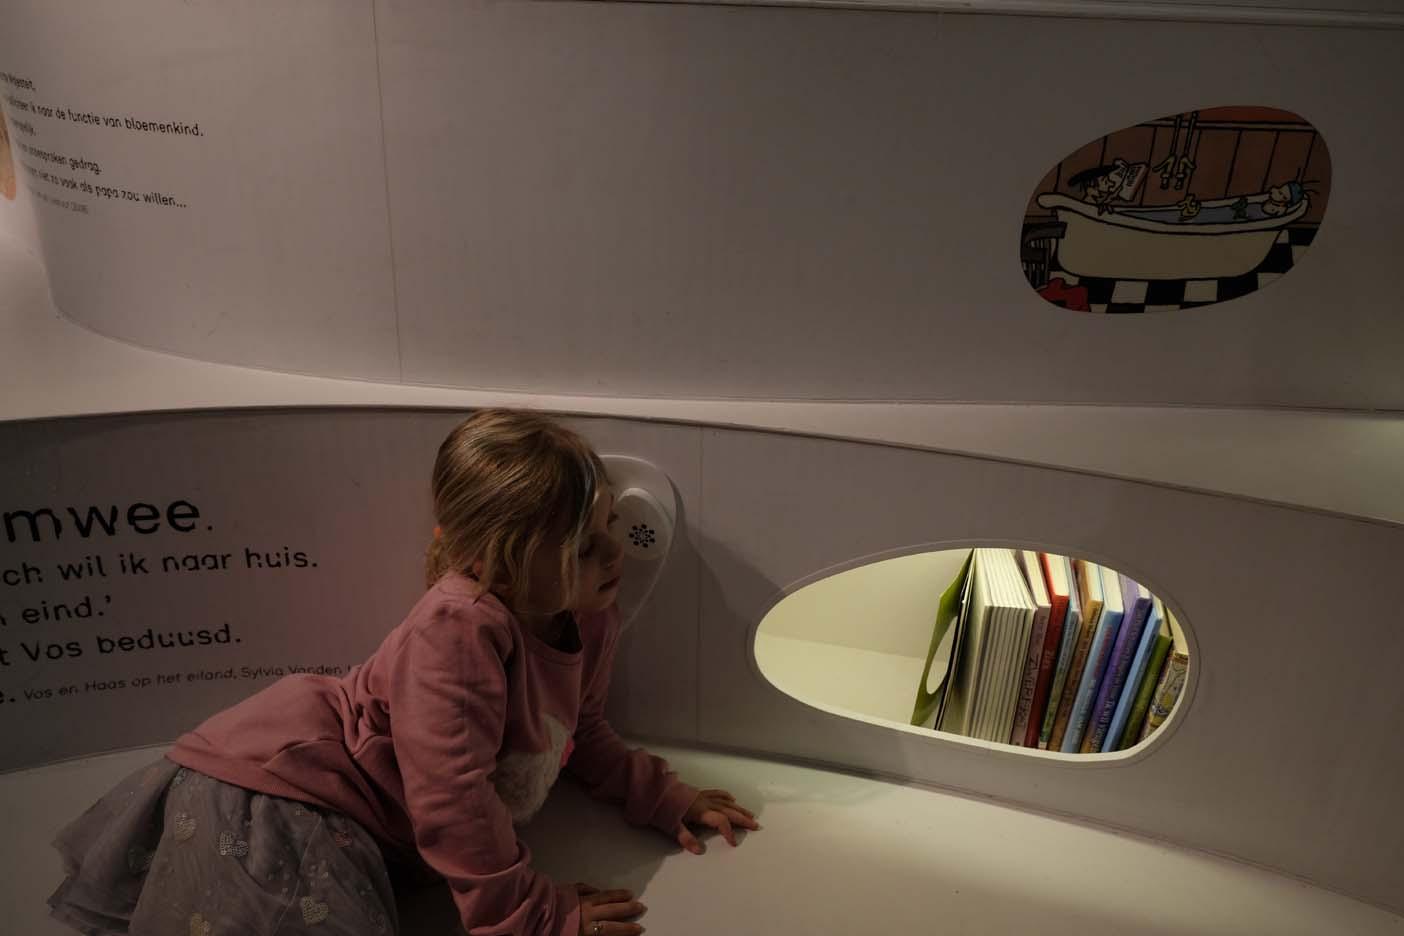 kinderboekenmuseum den haag